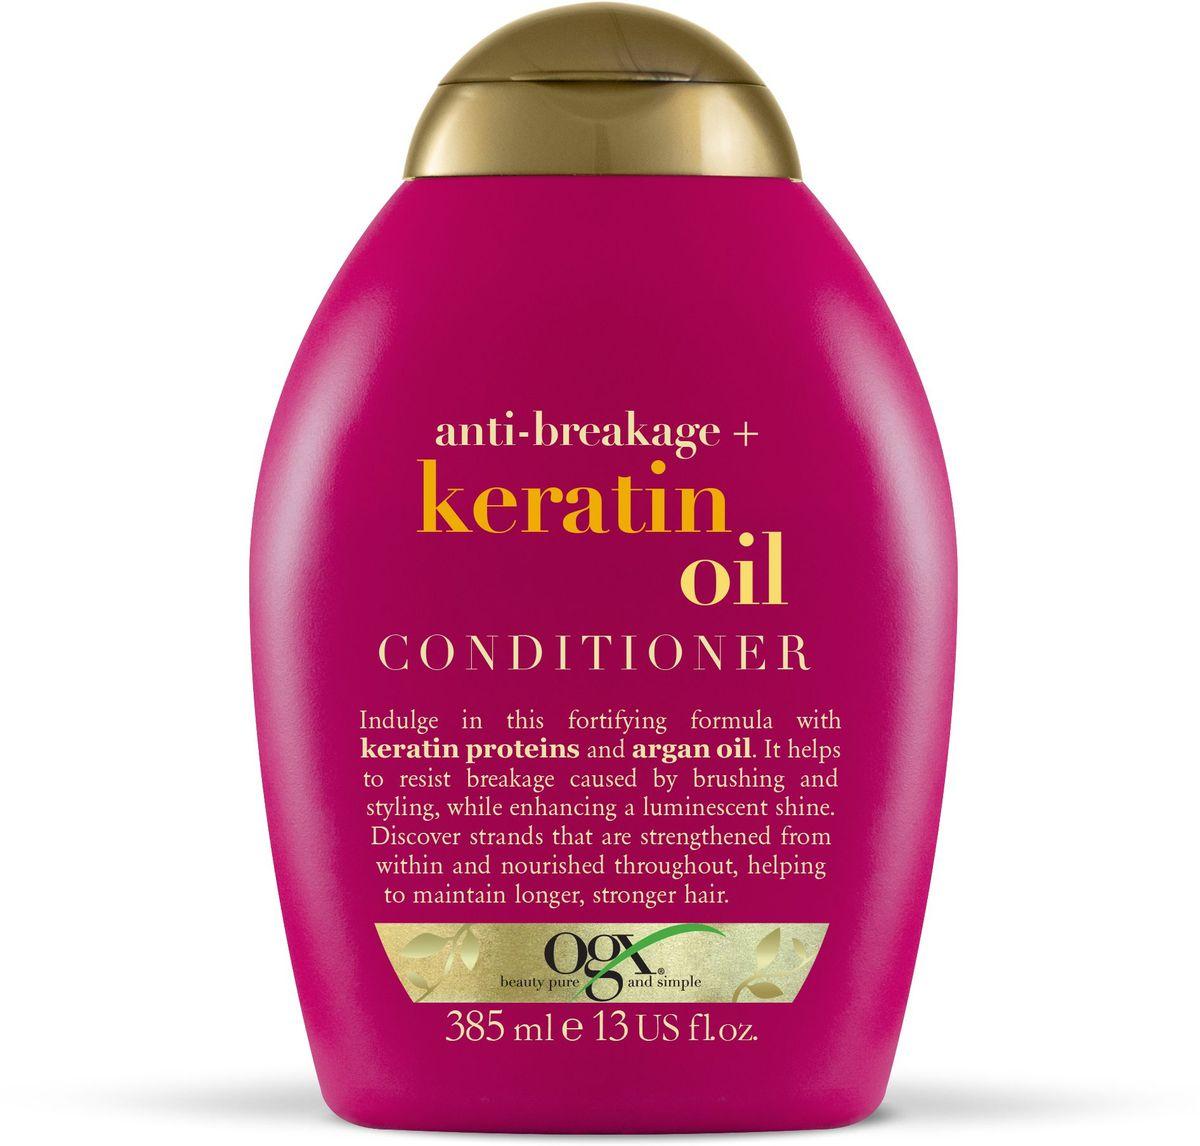 OGX Кондиционер против ломкости волос с кератиновым маслом, 385 мл.10771Кондиционер против ломкости волос с кератиновым маслом, обогащенный протеинами кератина и аргановым маслом, борется против ломкости волос, питает волосы и придает им силу, блеск и сияние.